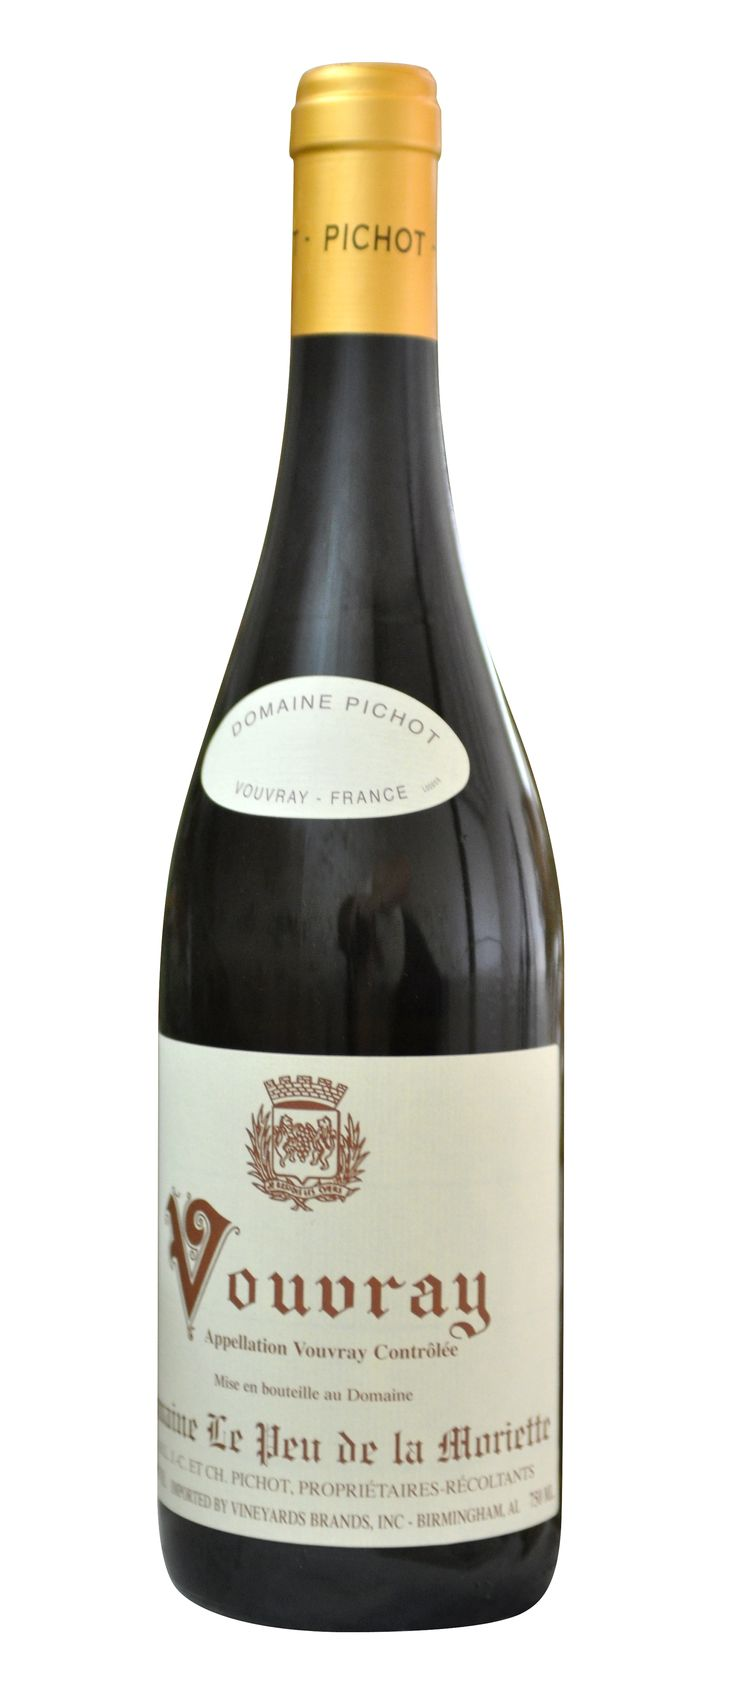 mas de la chapelle interview proprietaire. Domaine Pichot - Le Peu De La Moriette (France) Wine Mas Chapelle Interview Proprietaire X